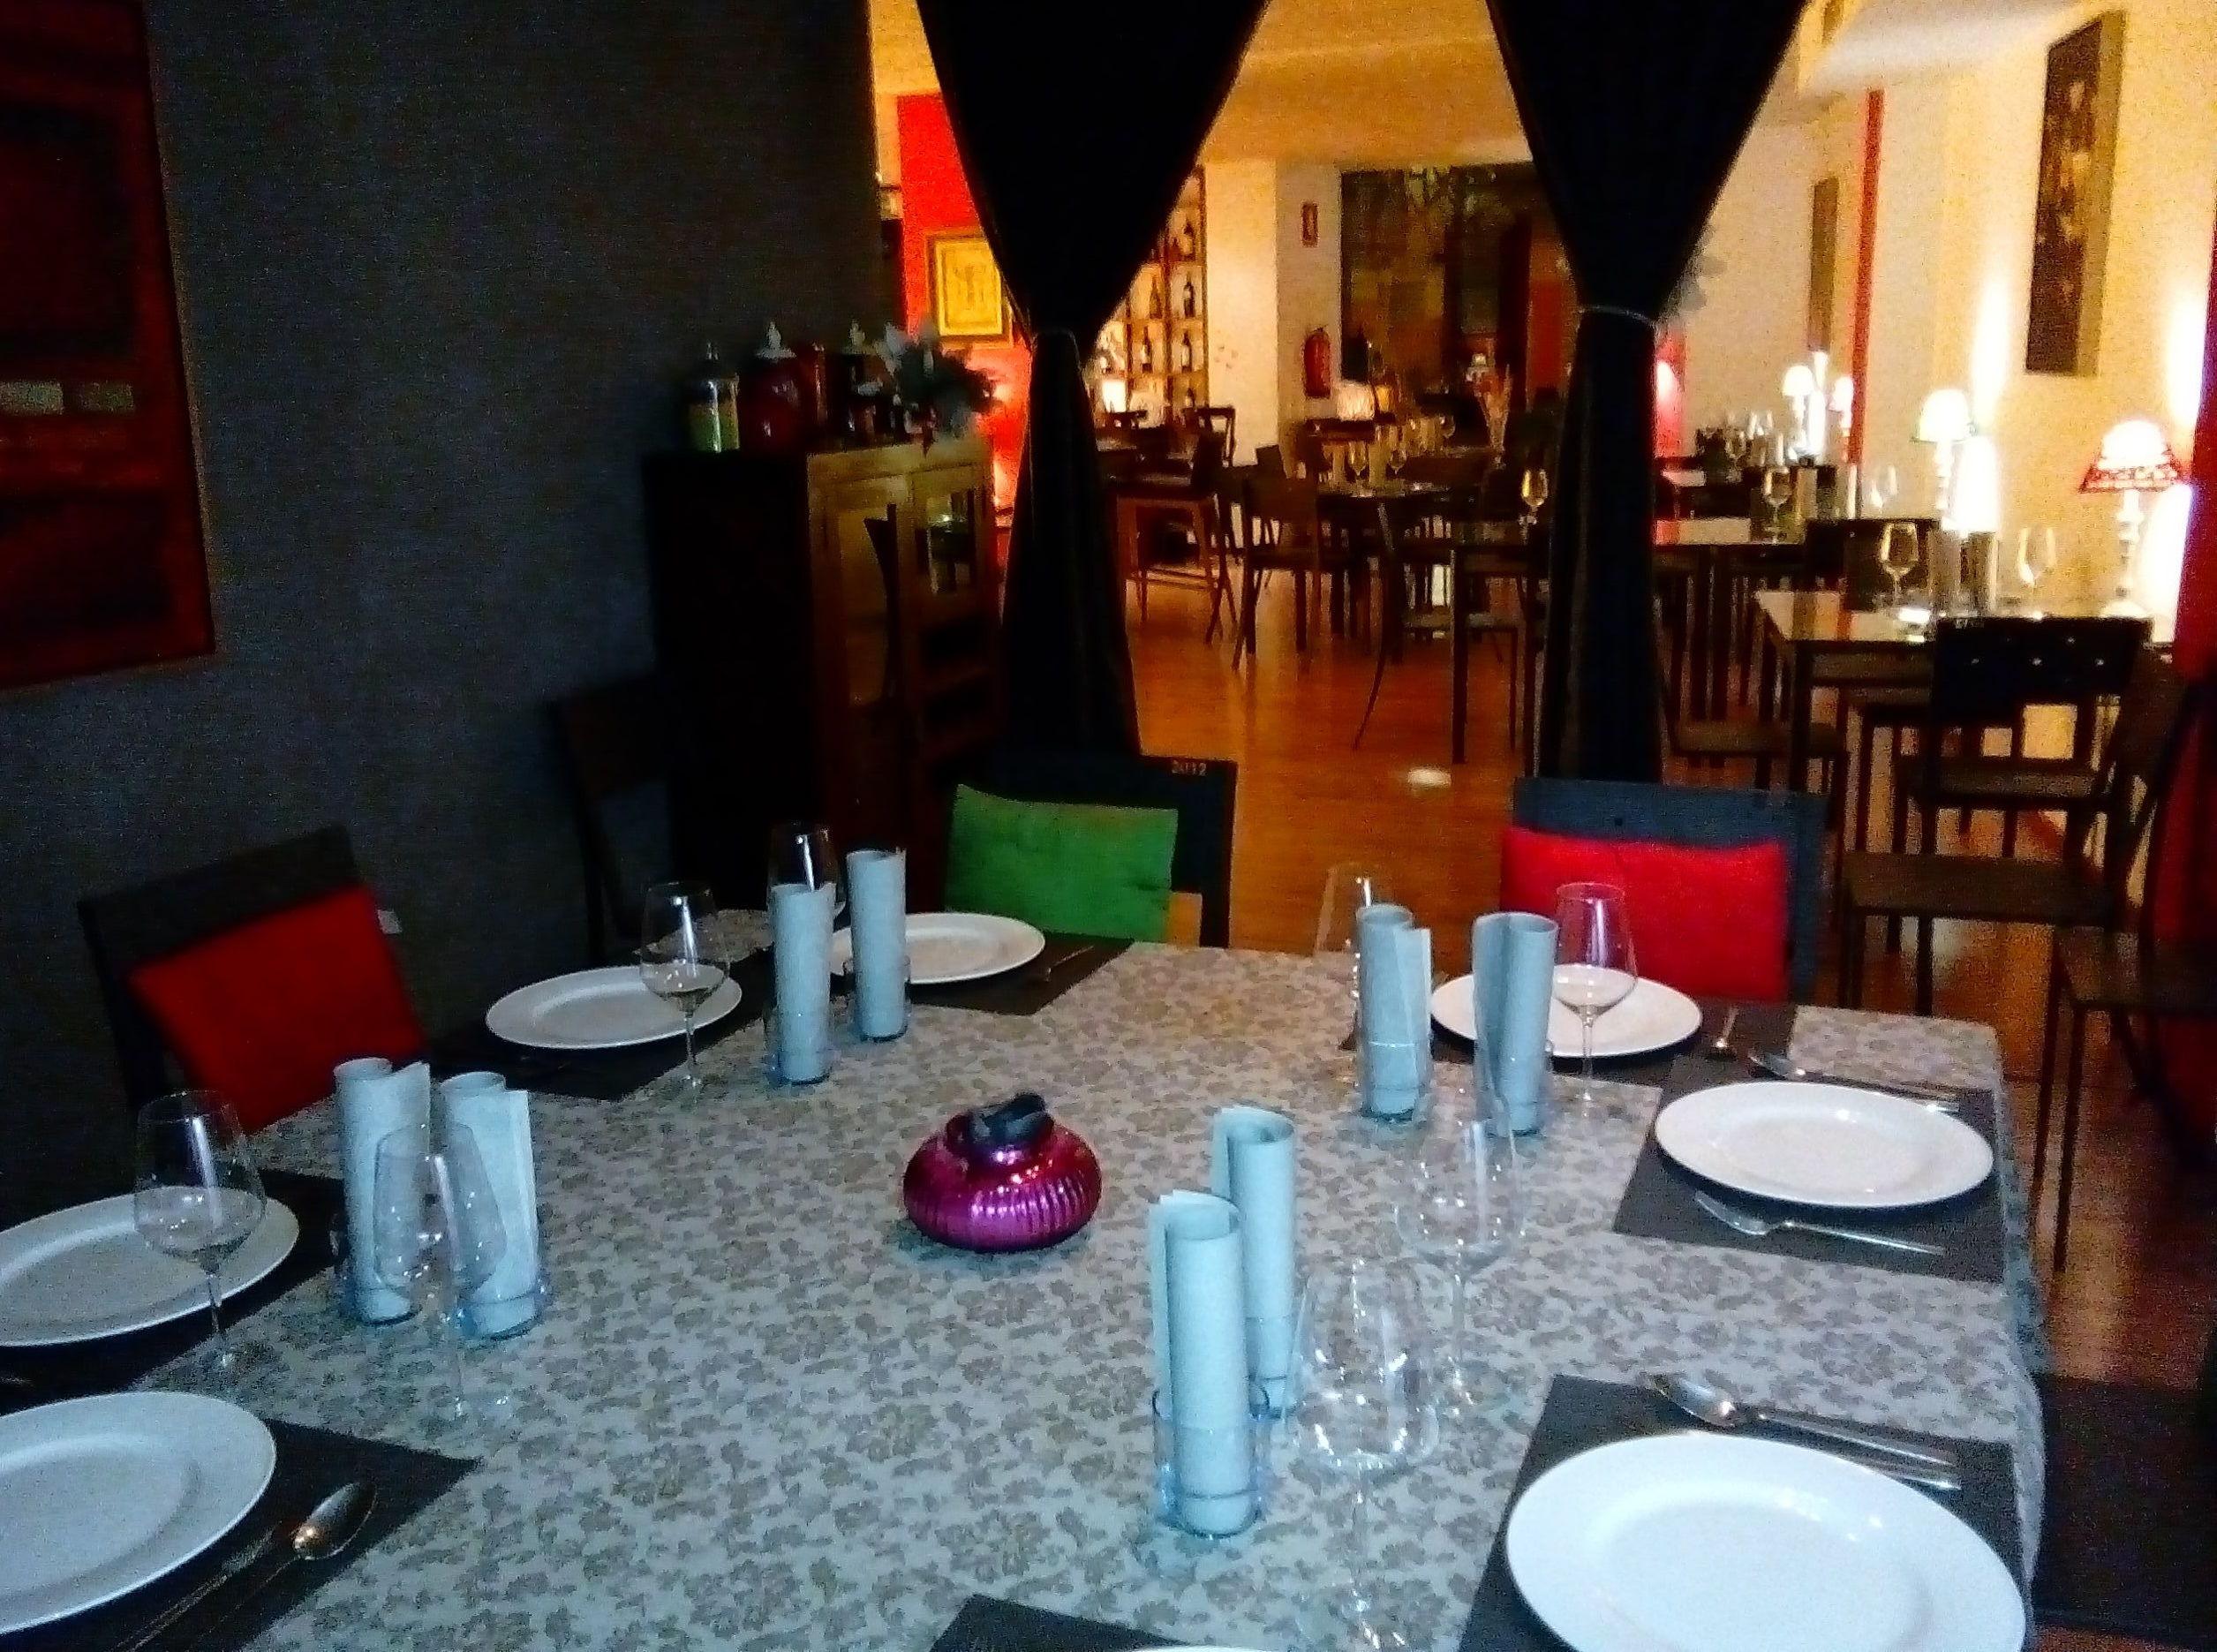 Foto 43 de Restaurante en Valencia | LOURDES ILLUECA DOBÓN